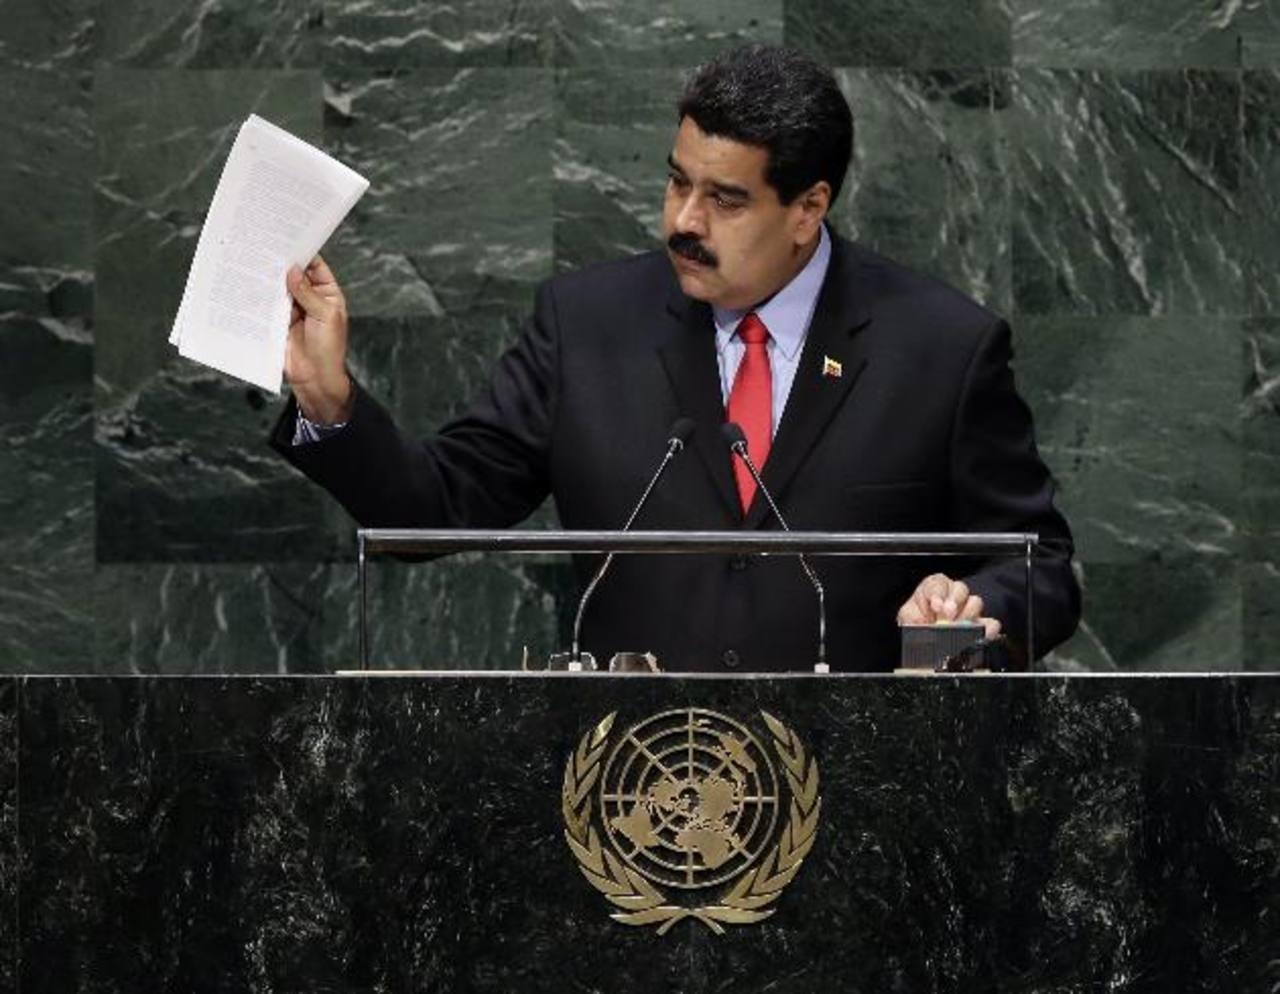 Nicolás Maduro, presidente de Venezuela, durante su intervención en la Asamblea de ONU el 24 de septiembre.